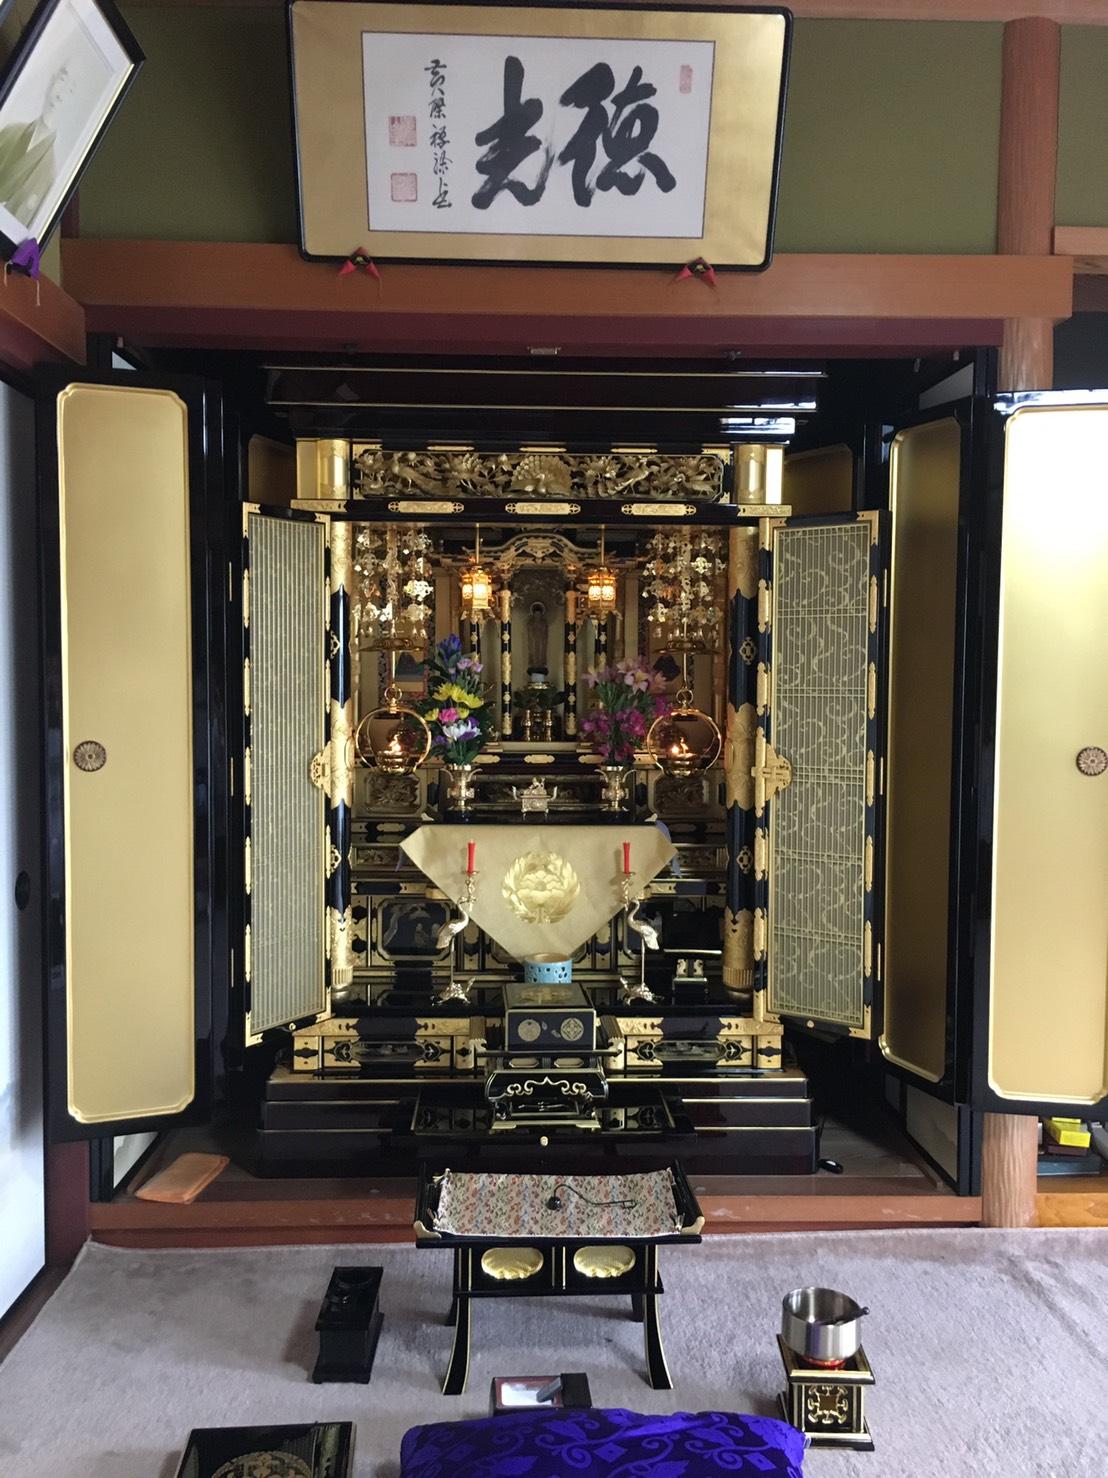 滋賀県蒲生郡日野町に本金粉御堂造り仏壇を納品しました ...